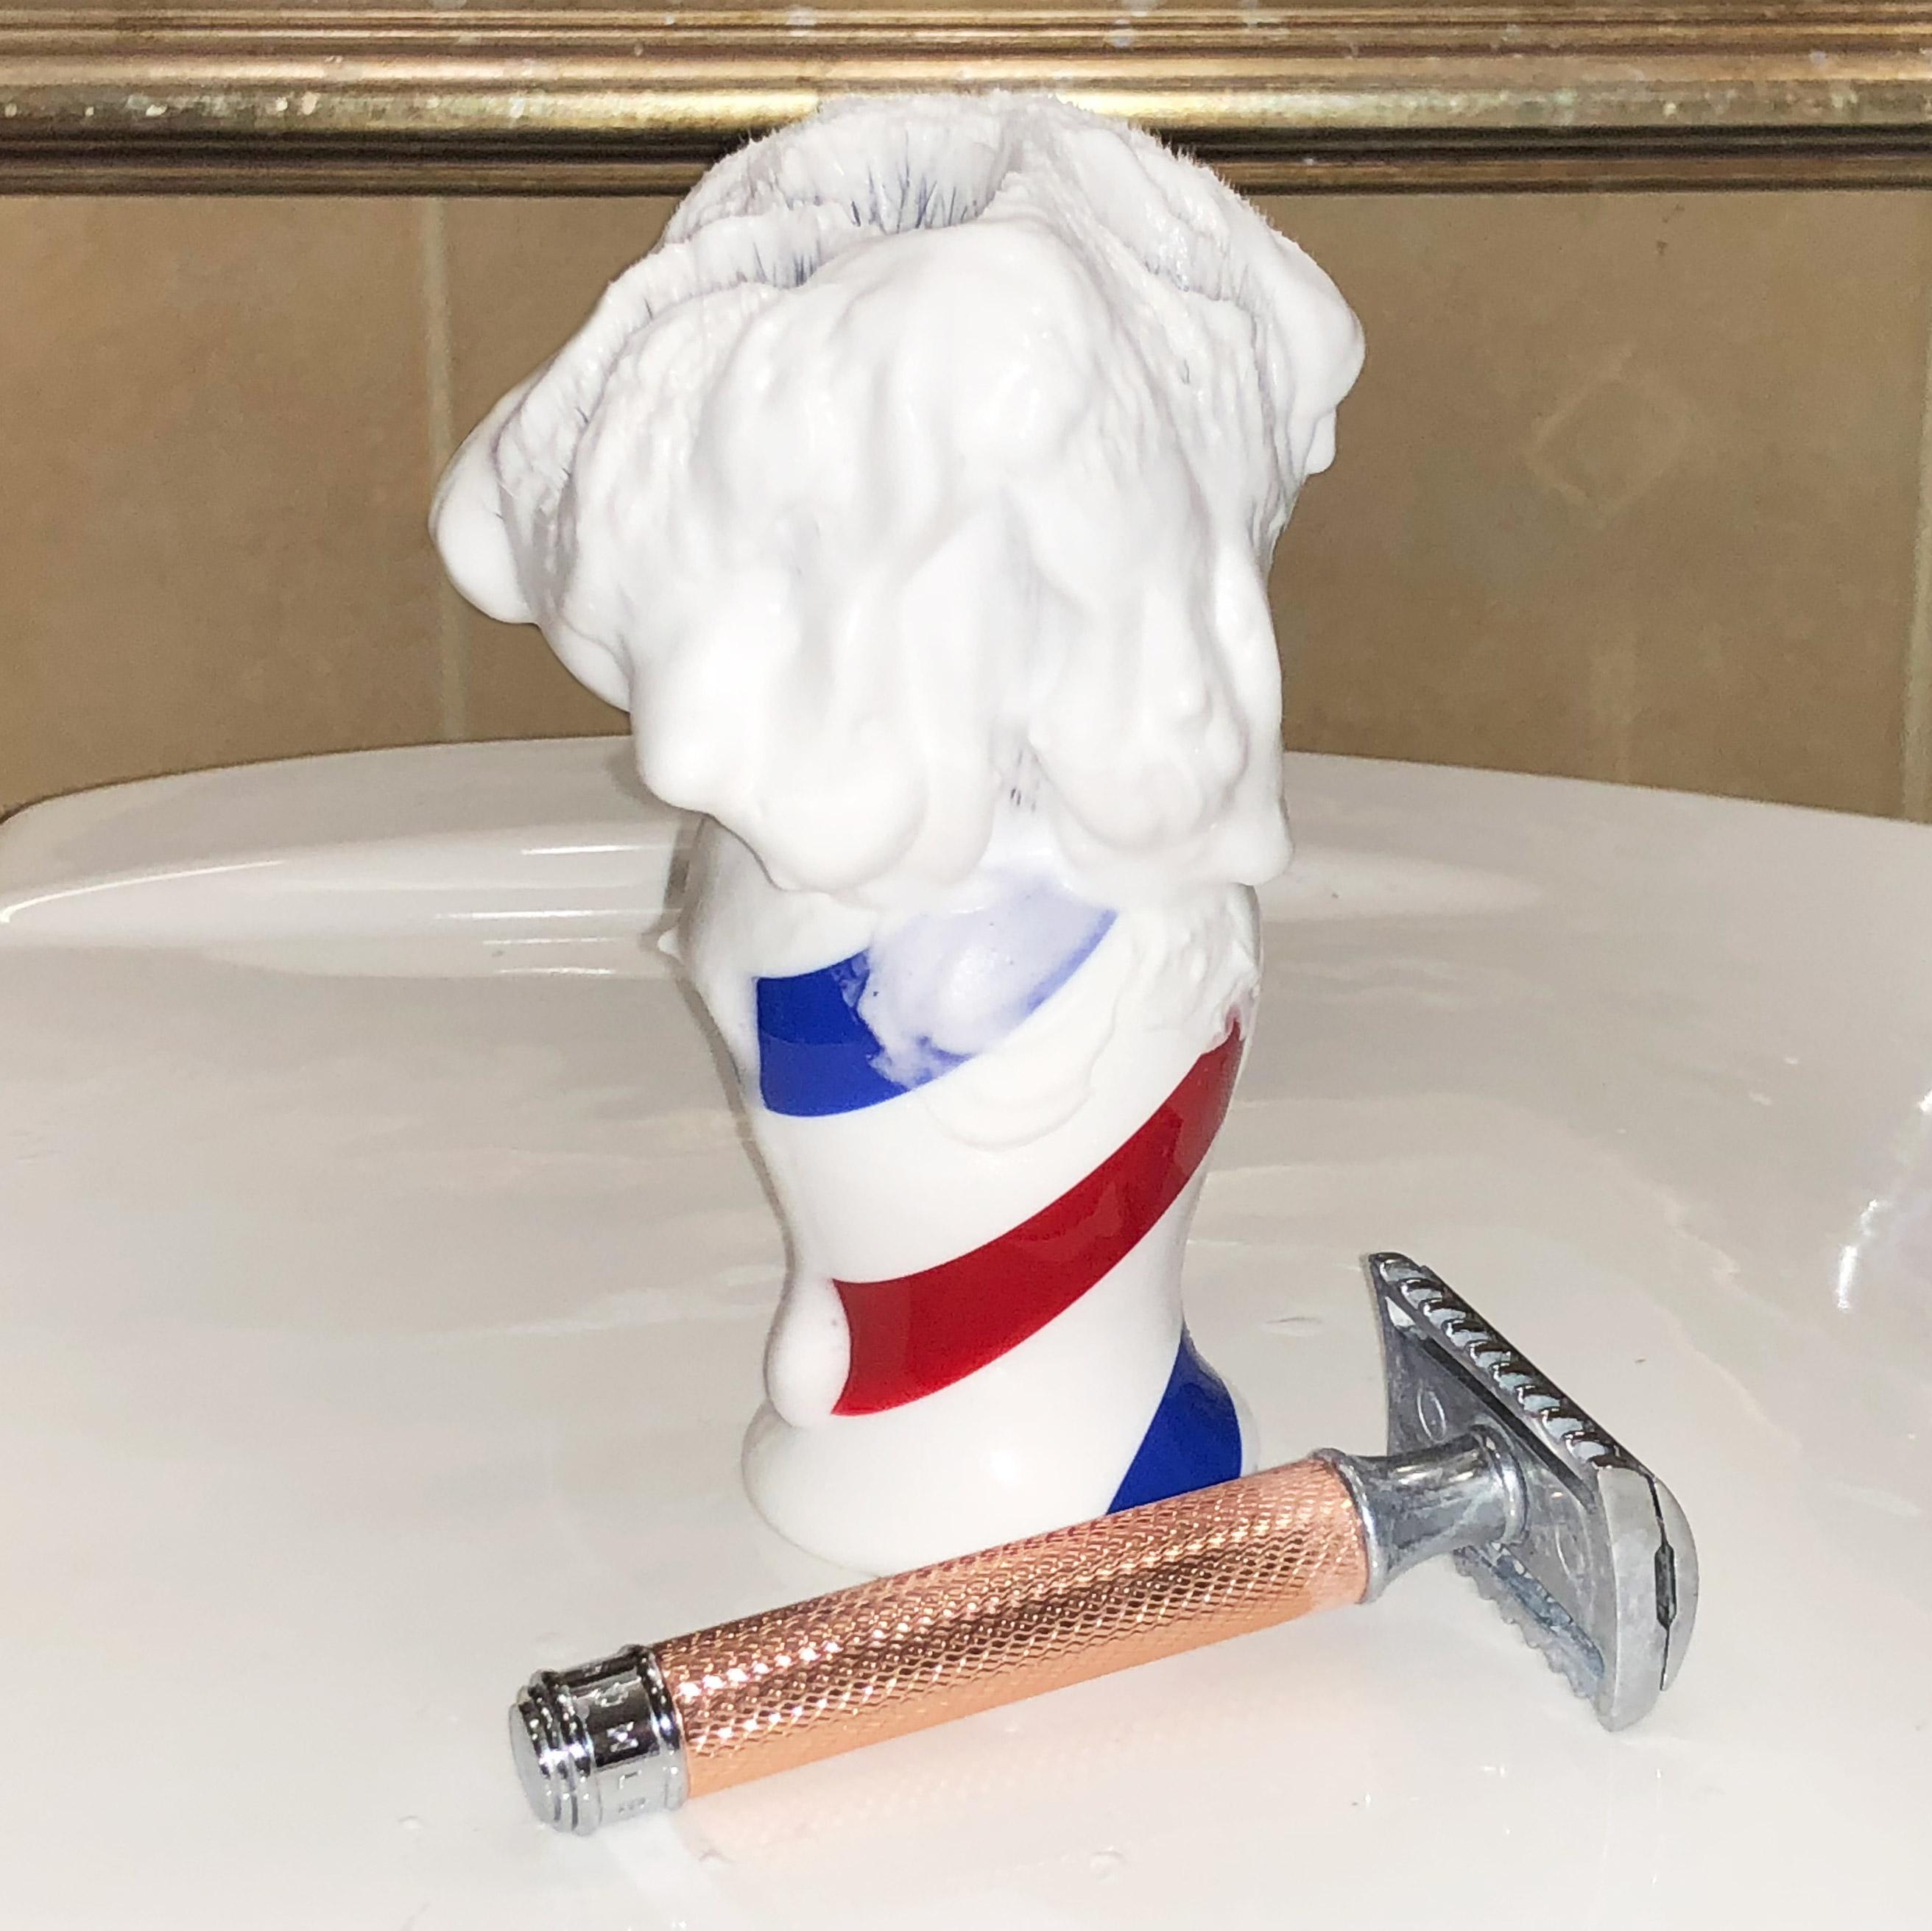 Piana z 1,9 g LEA Crema de Afeitar (Shaving Cream) pozostała na pędzlu po naniesieniu na twarz porcji na pierwsze przejście